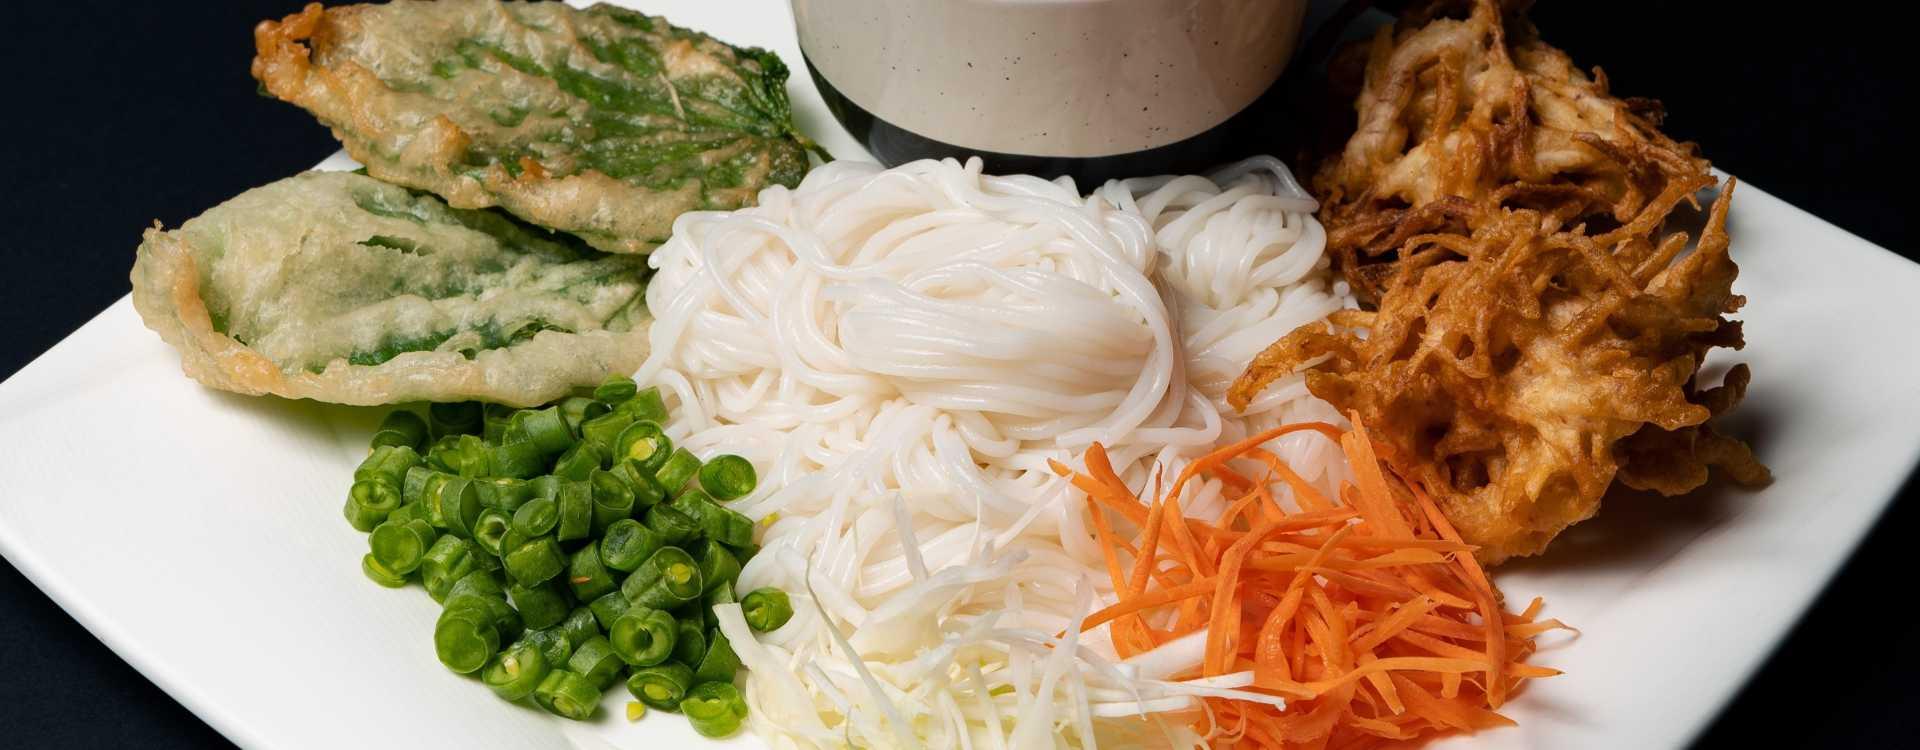 Chontong Thai Cuisine SeaTac